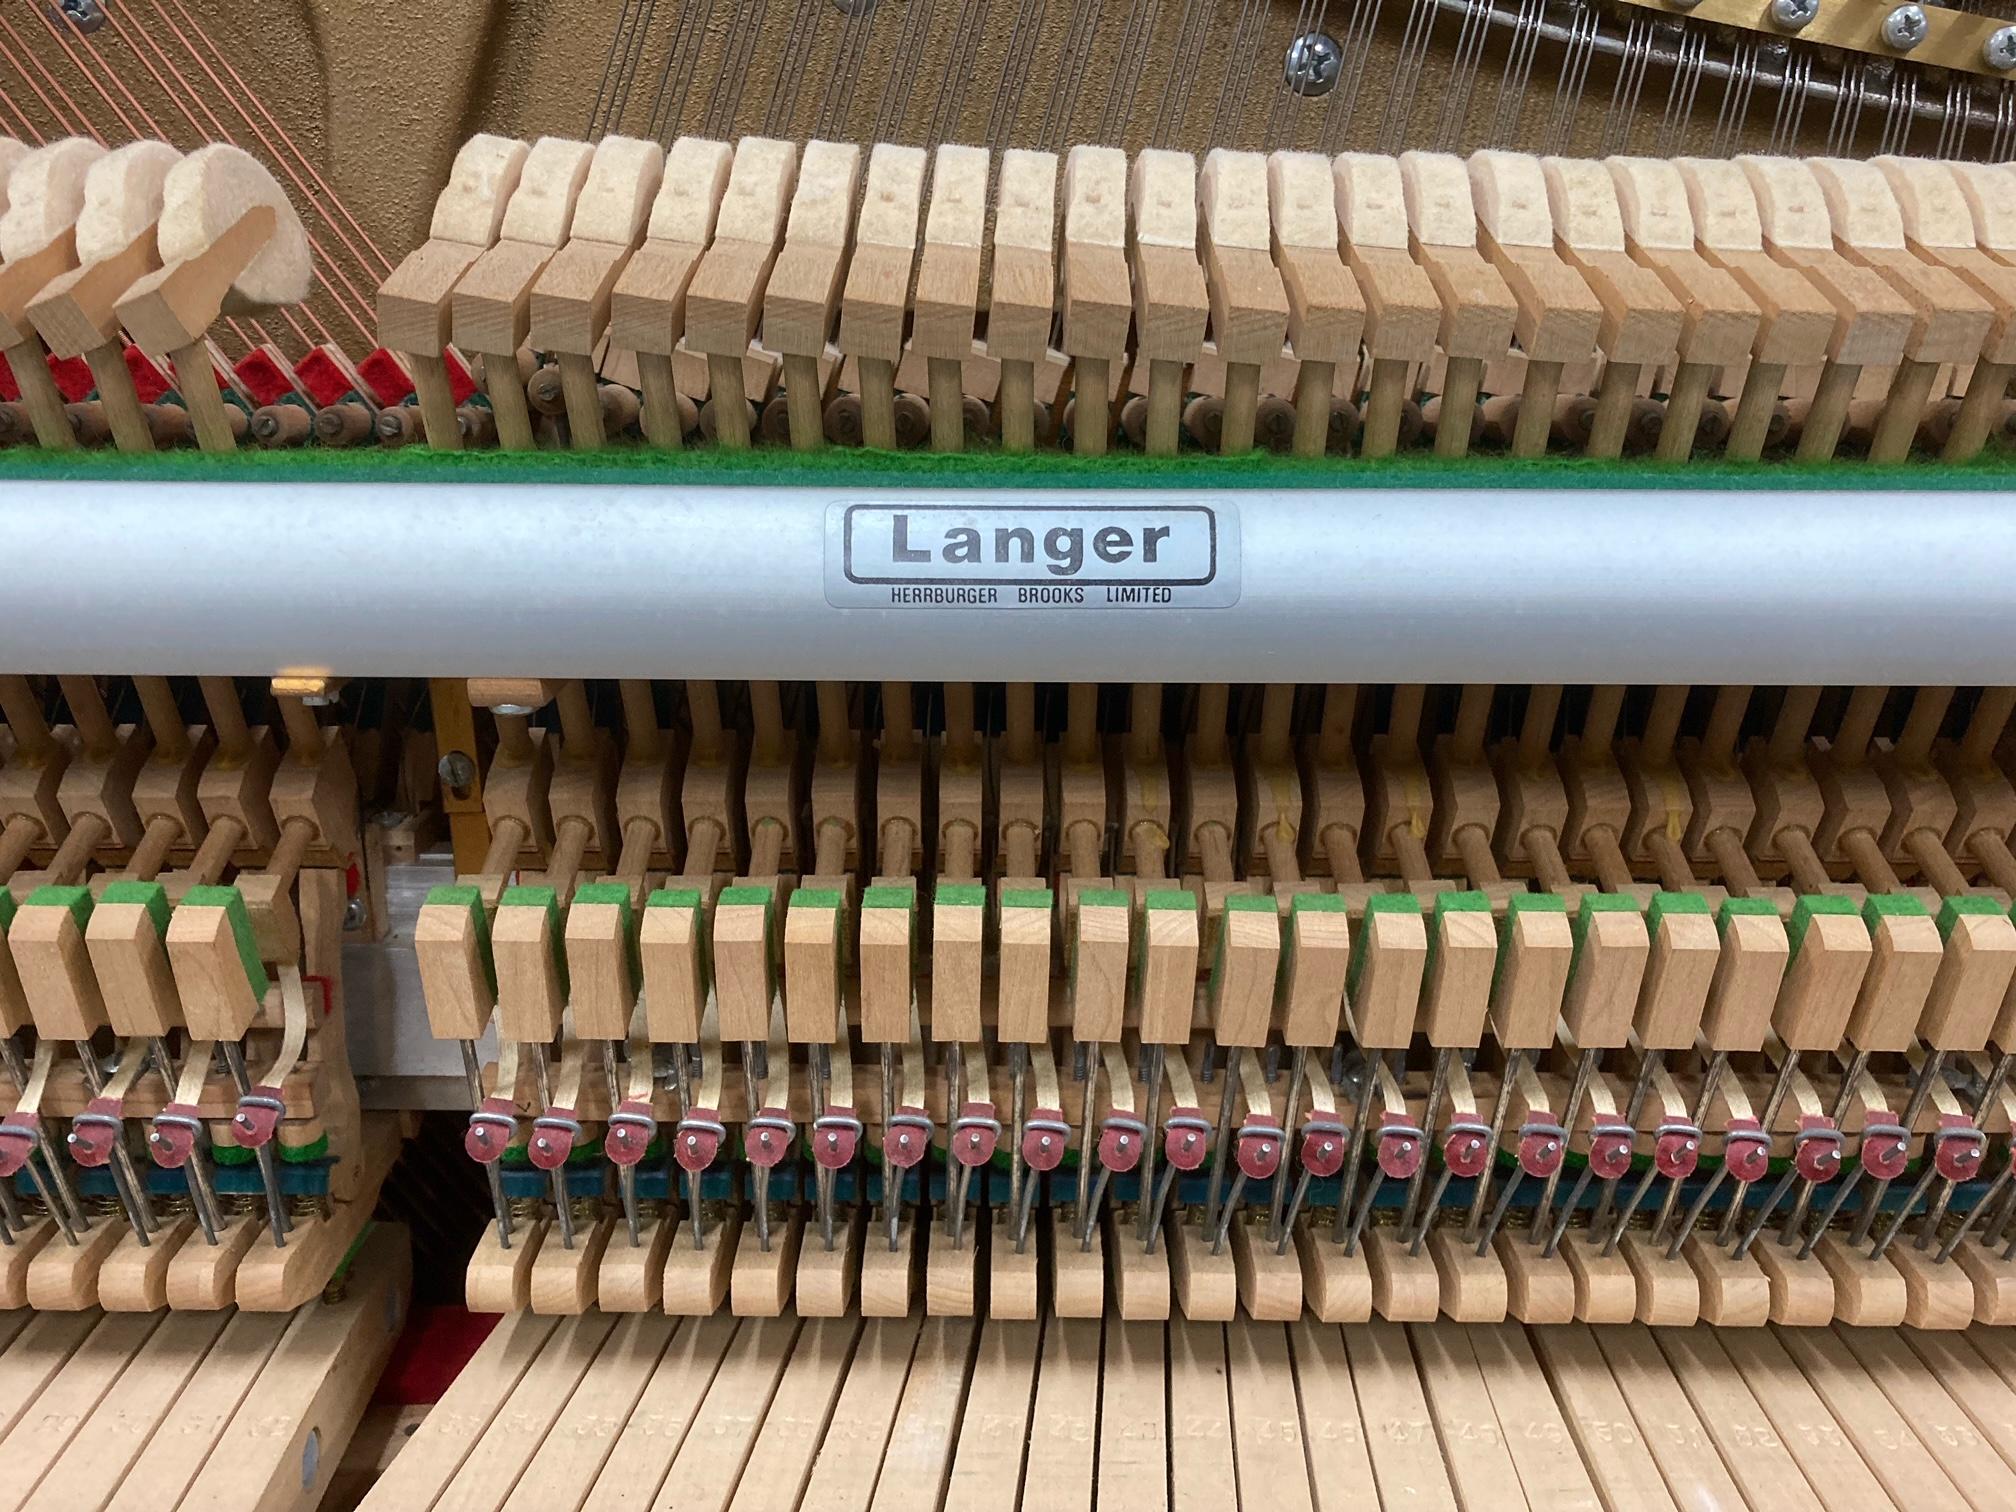 Piano kopen Groningen